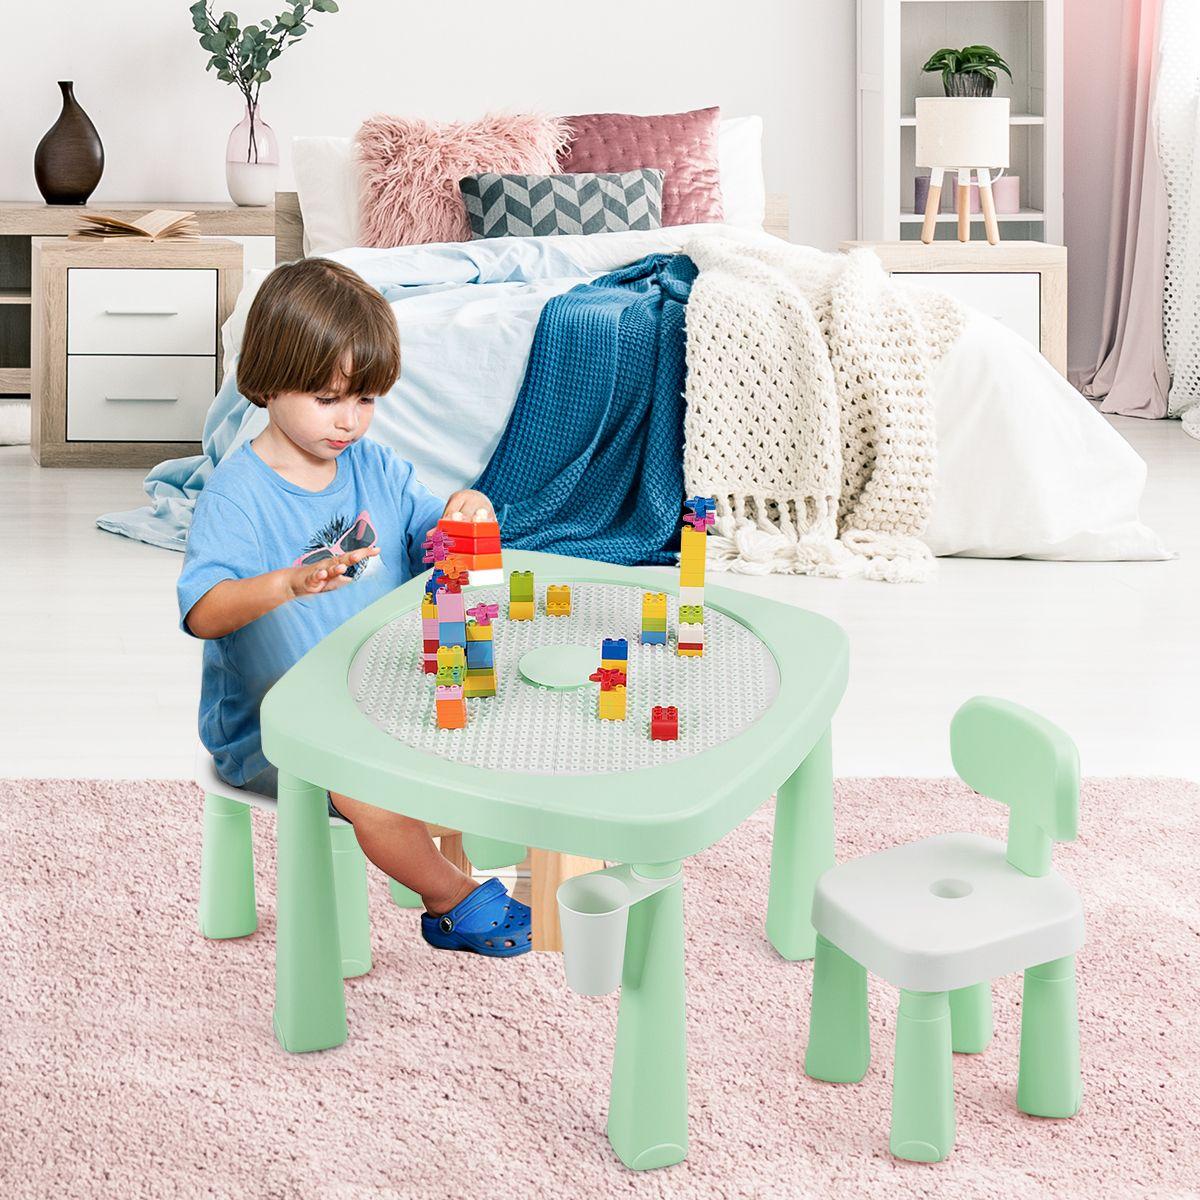 Cet Ensemble Table Et Chaises Pour Enfants Offre Une Variete De Possibilites De Jeu Pour Accompagner Les Enfants En Pleine Cro